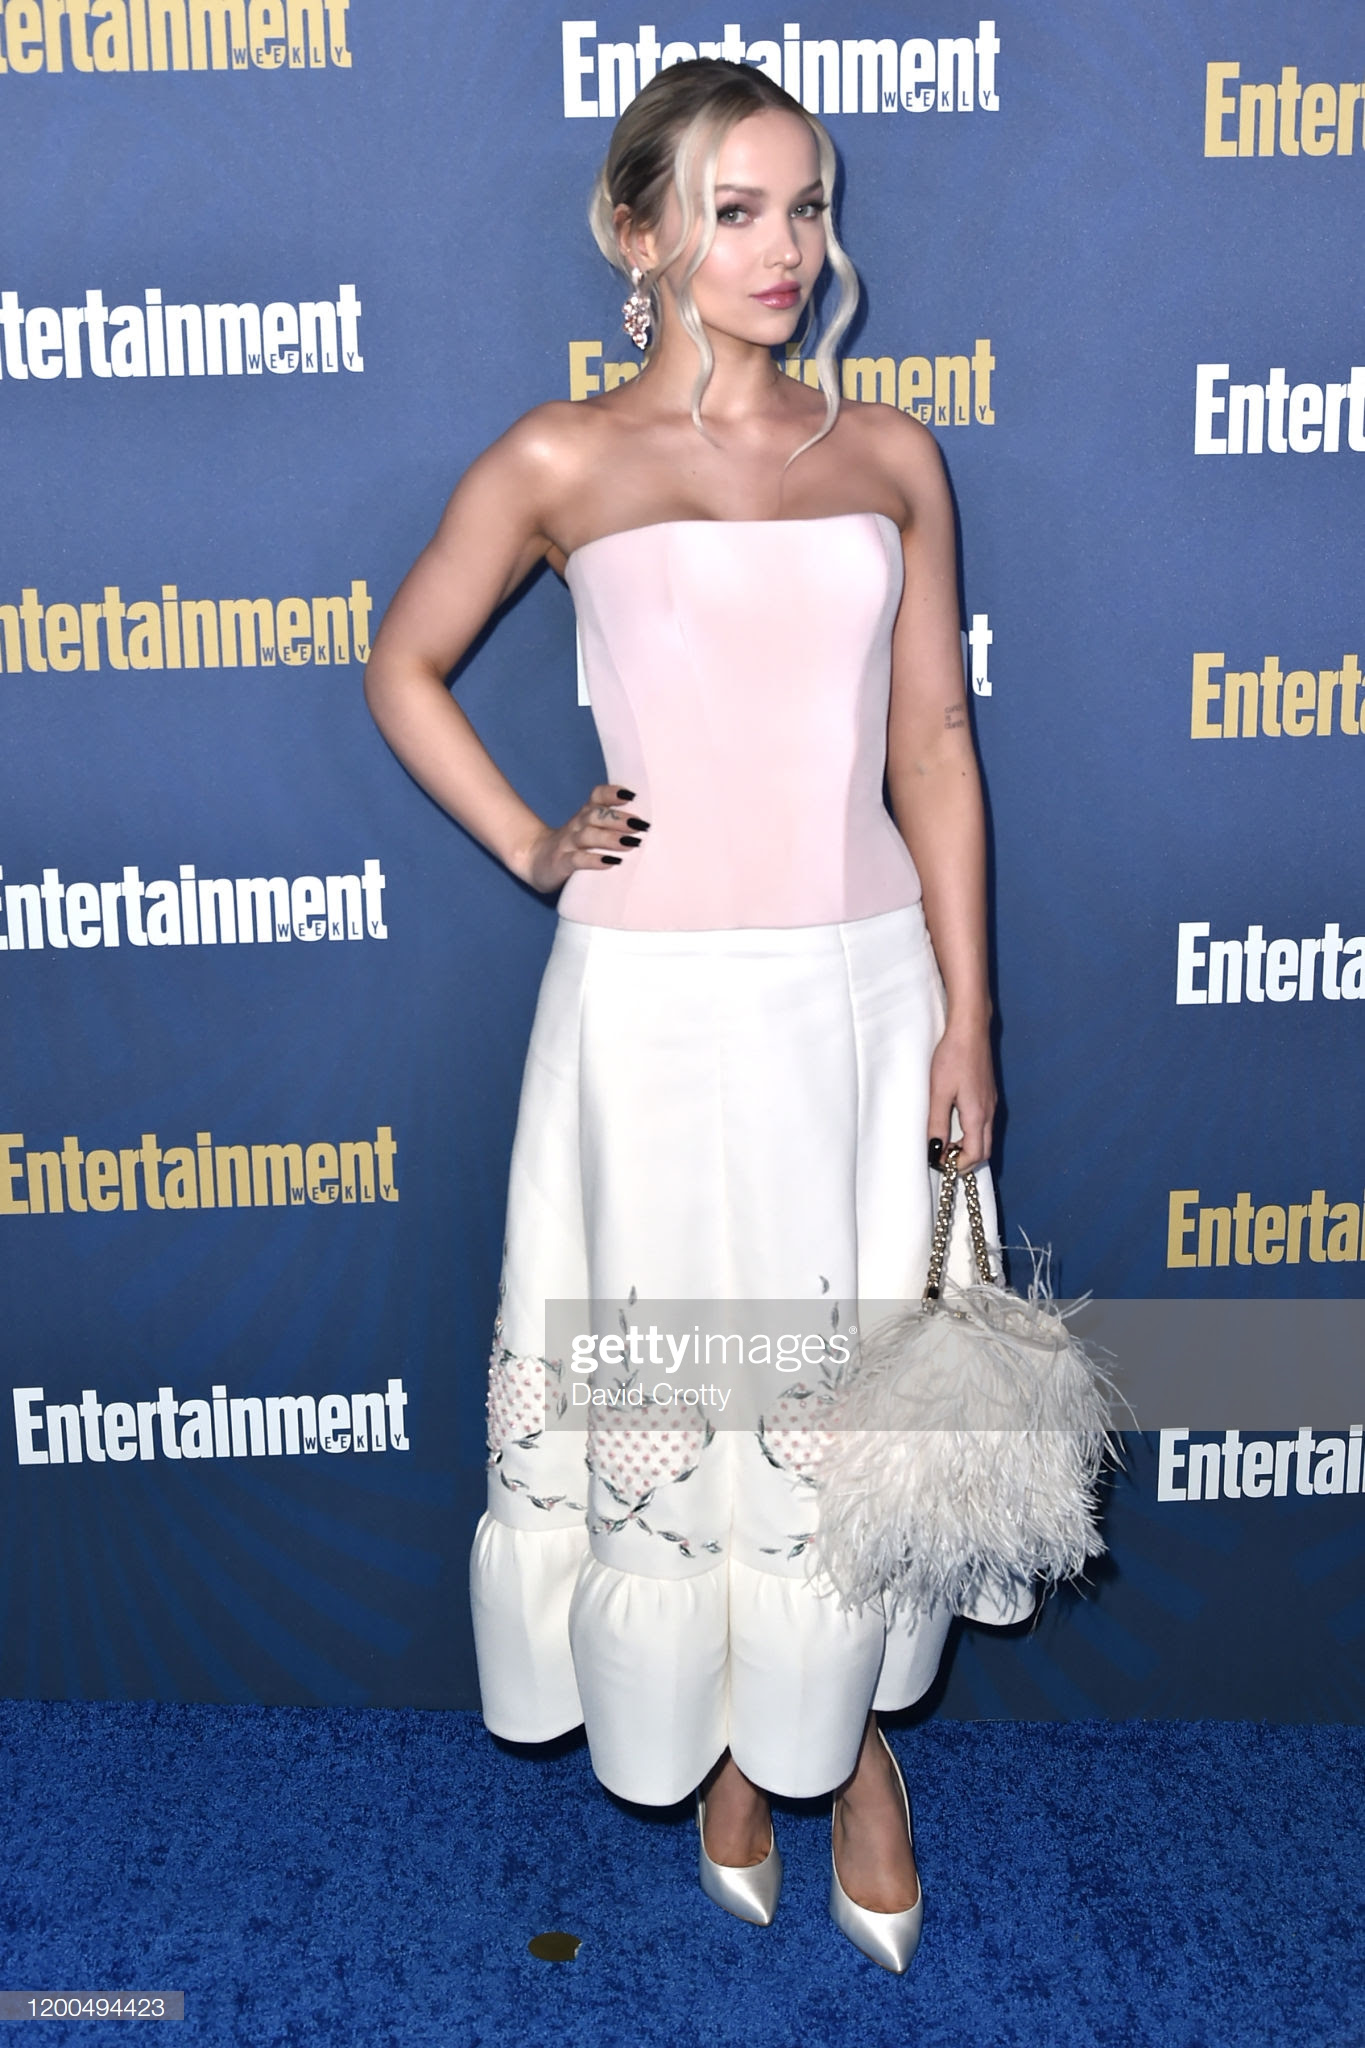 """43ece70a 9645 42f3 a45b 69668e2a0418 - Screen Actors Guild Awards"""" 2020: Scarlett Johansson y Leonardo Dicaprio entre las celebrities que lucieron Jimmy Choo"""